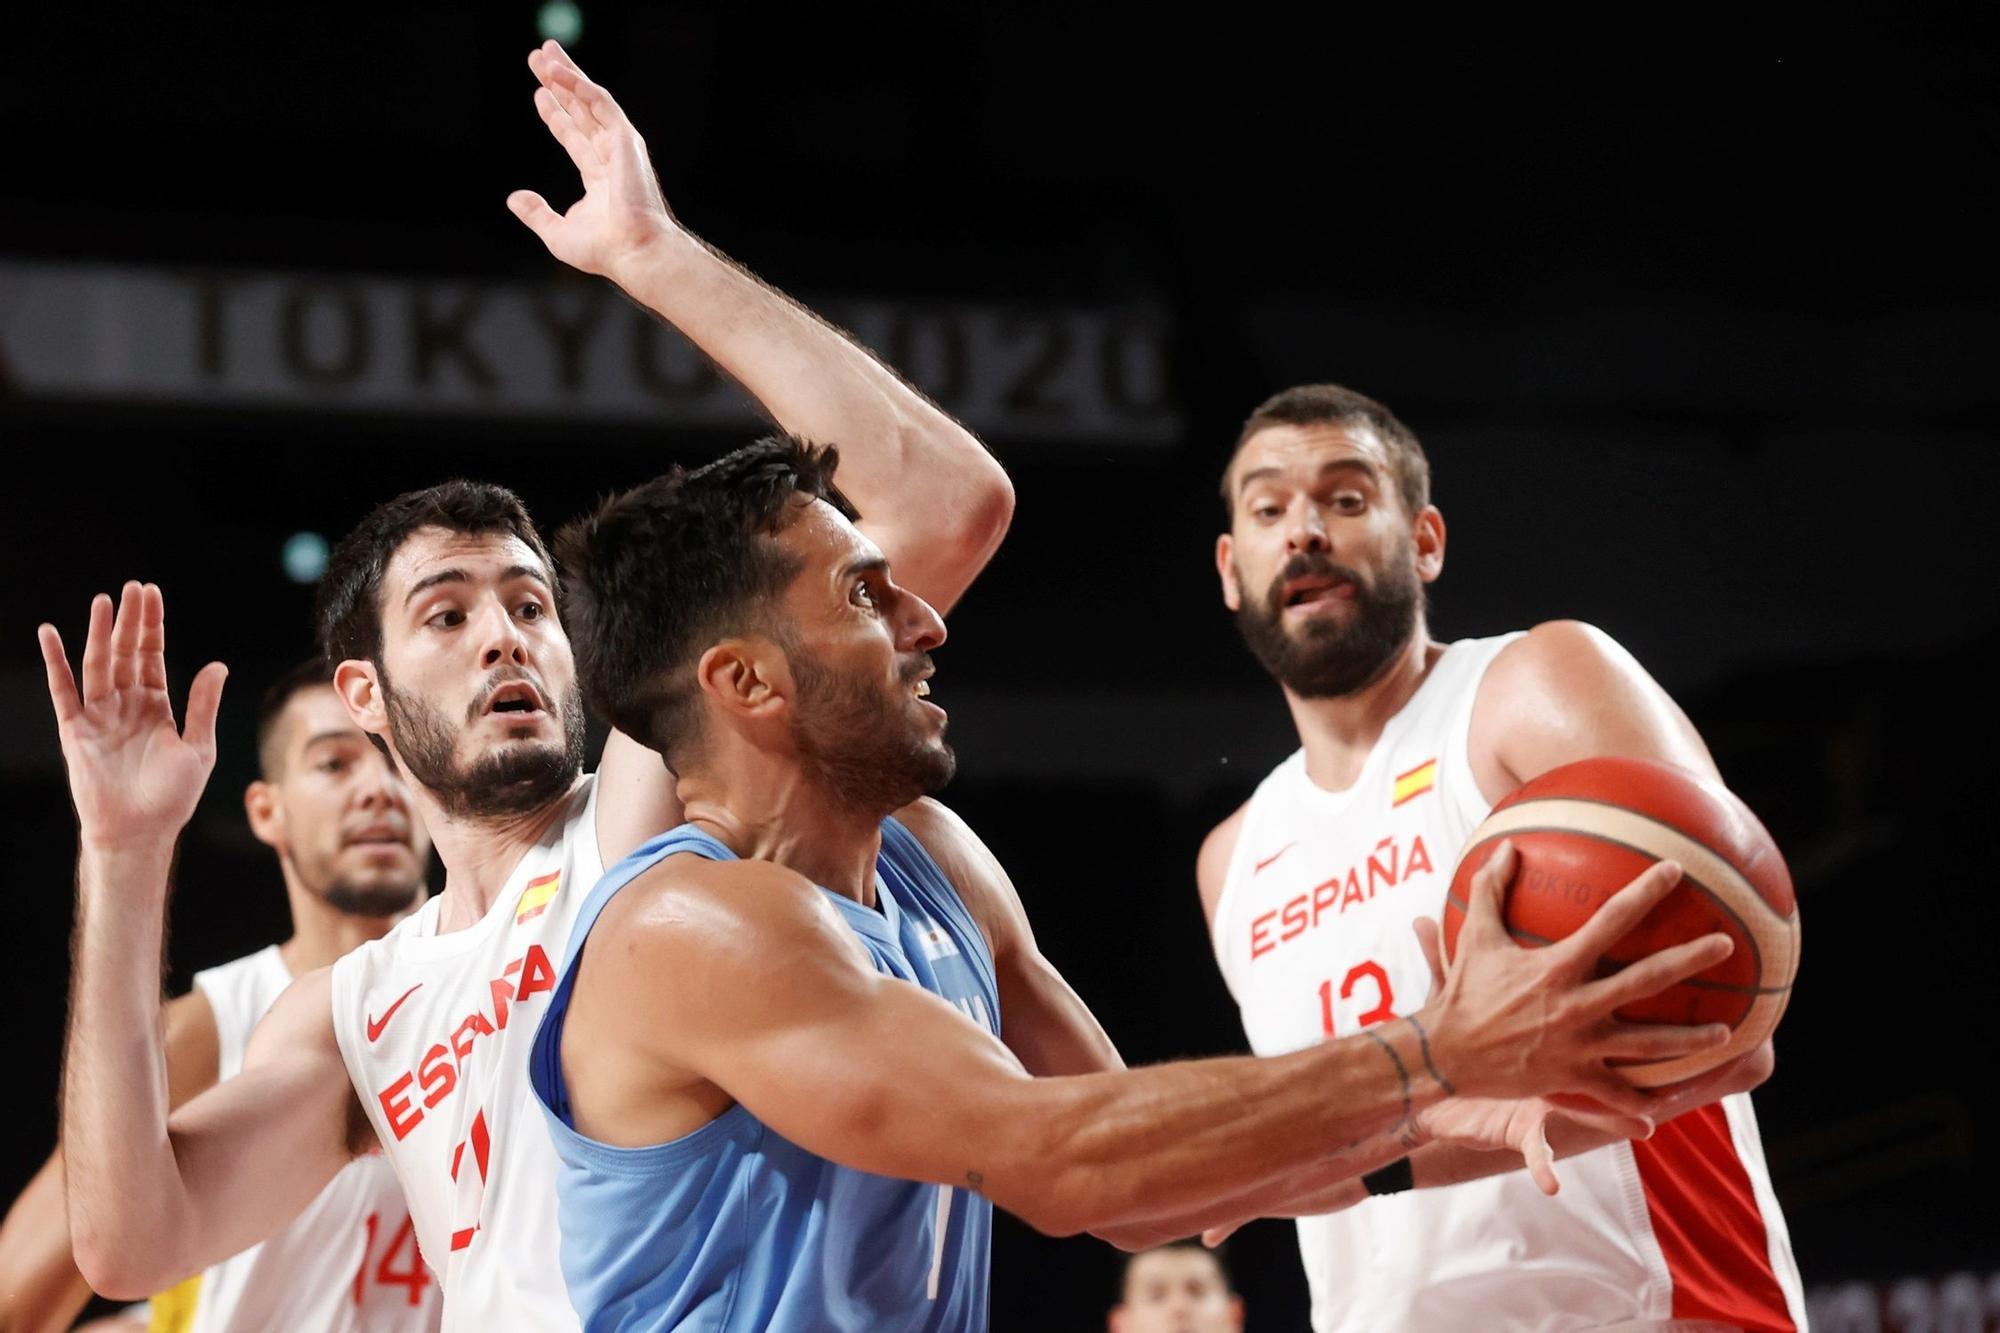 Una imagen del partido de baloncesto de los JJOO entre España y Argentina